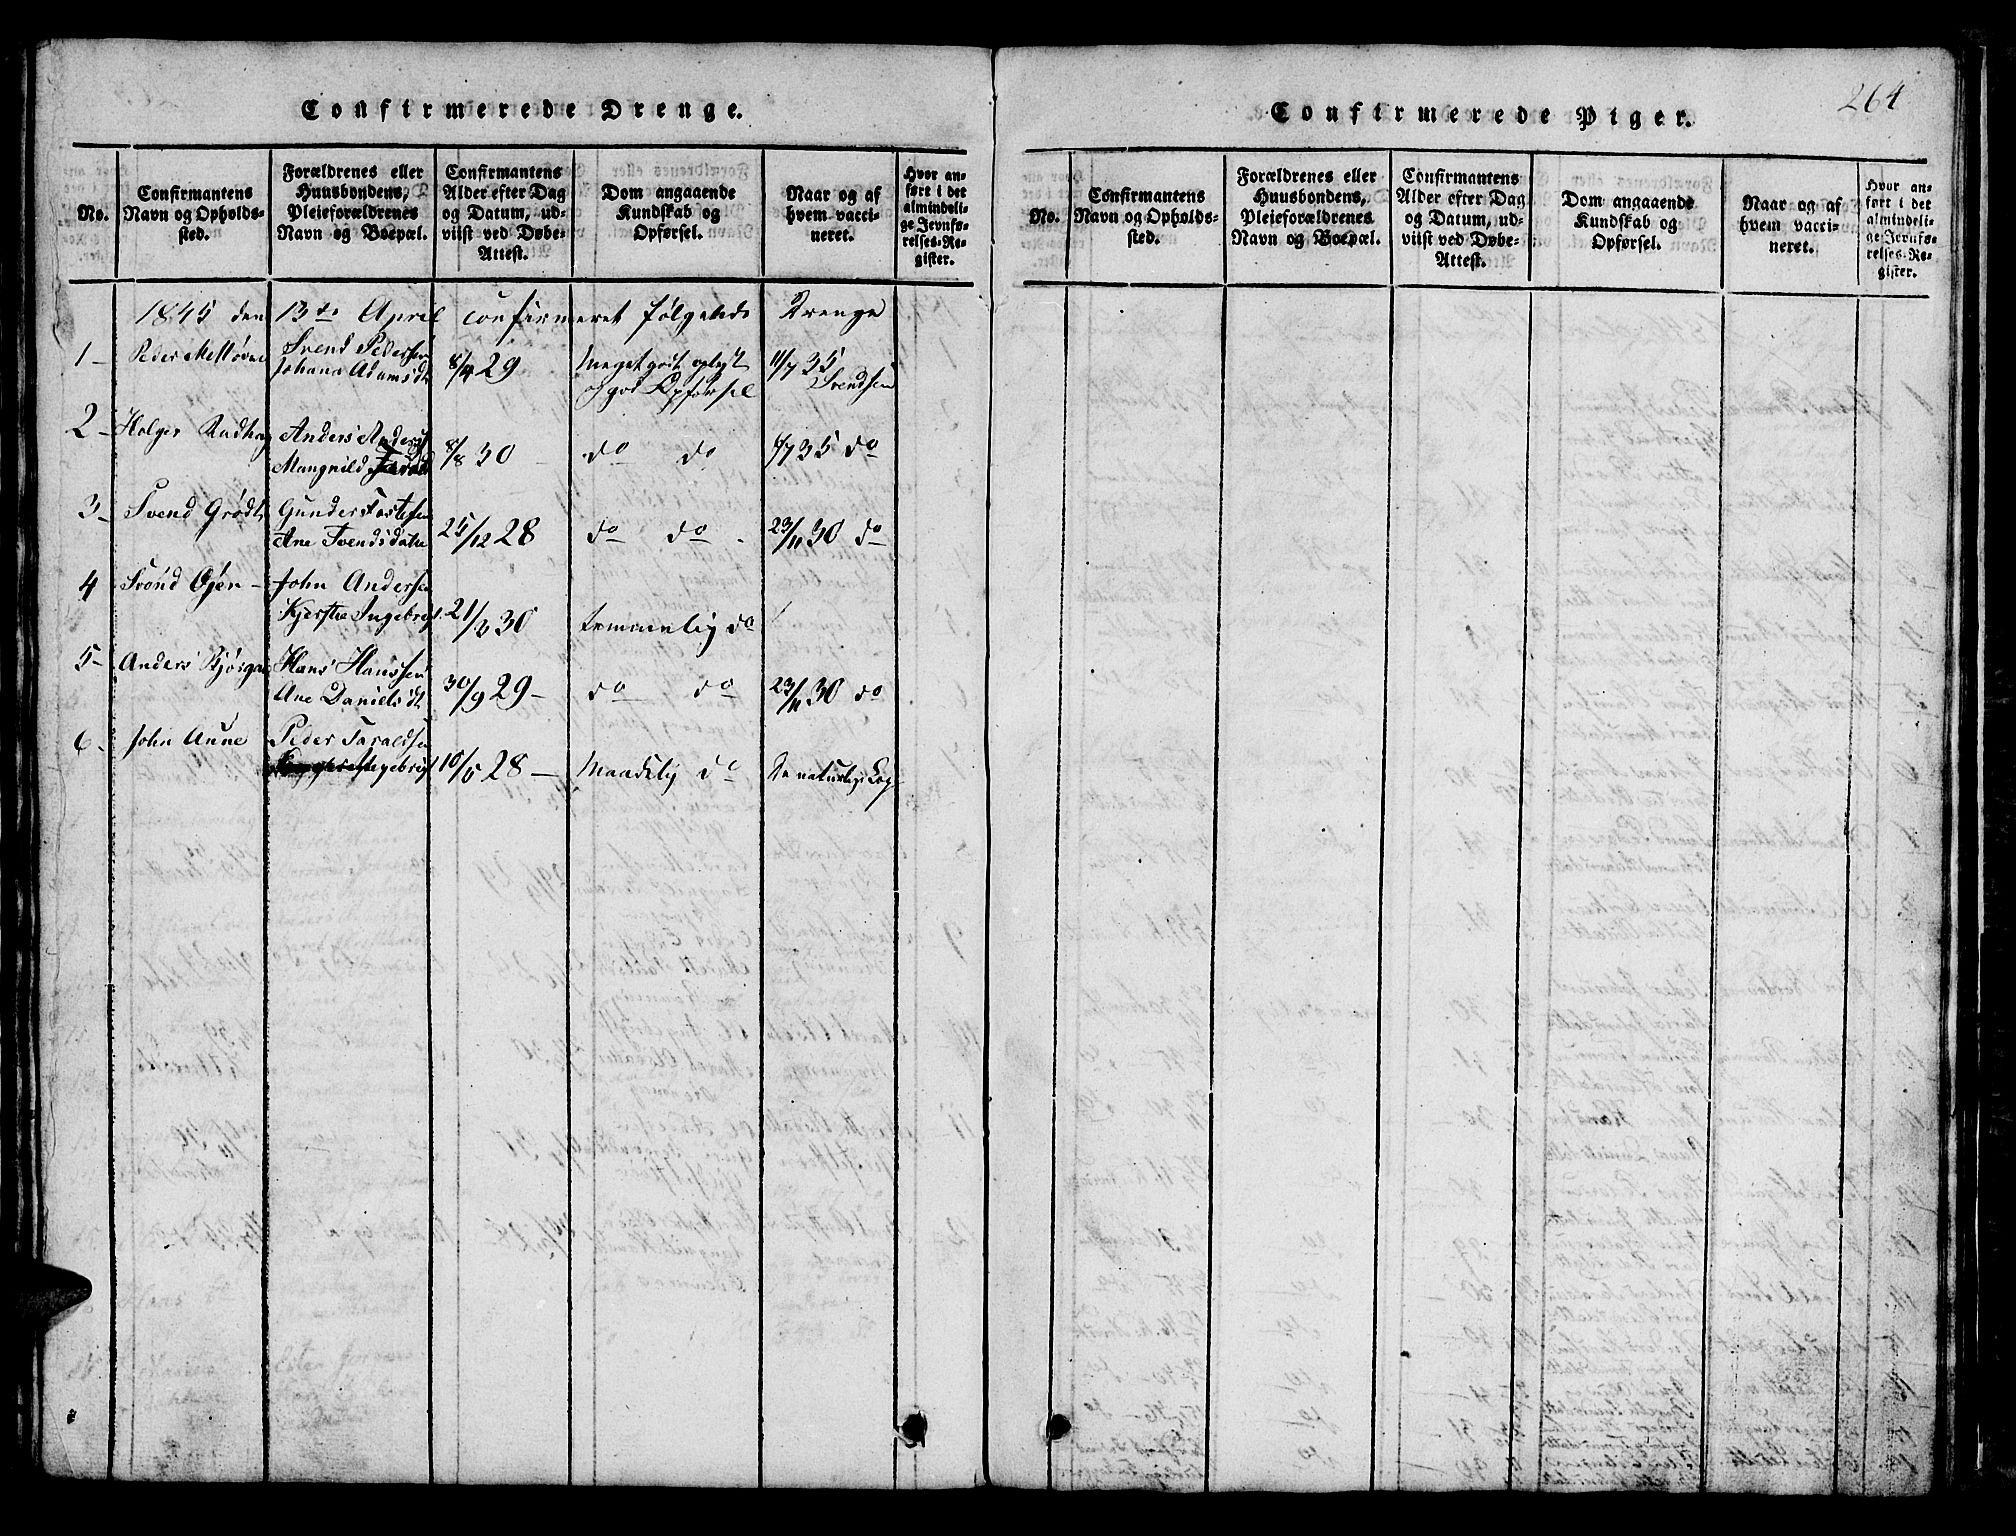 SAT, Ministerialprotokoller, klokkerbøker og fødselsregistre - Sør-Trøndelag, 685/L0976: Klokkerbok nr. 685C01, 1817-1878, s. 264